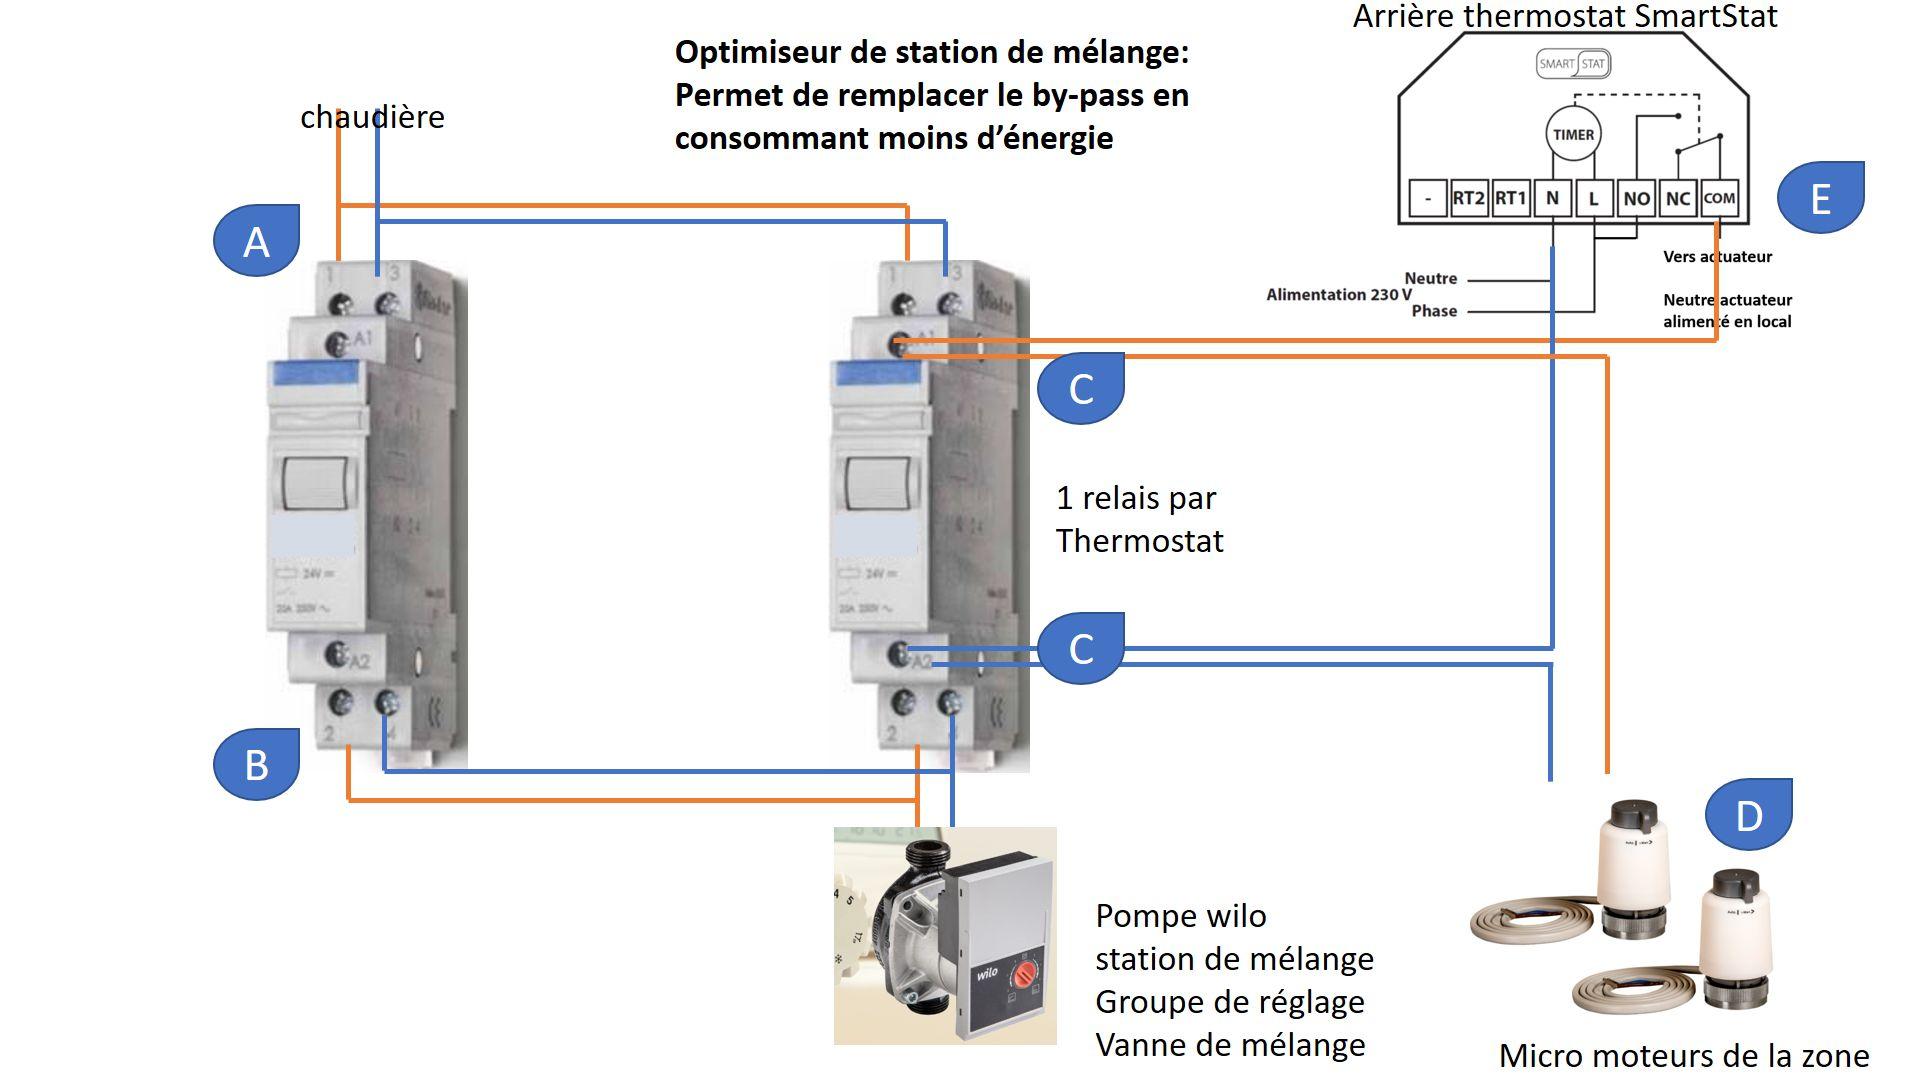 Schéma de principe d'un optimiseur de station de mélange - groupe de réglage